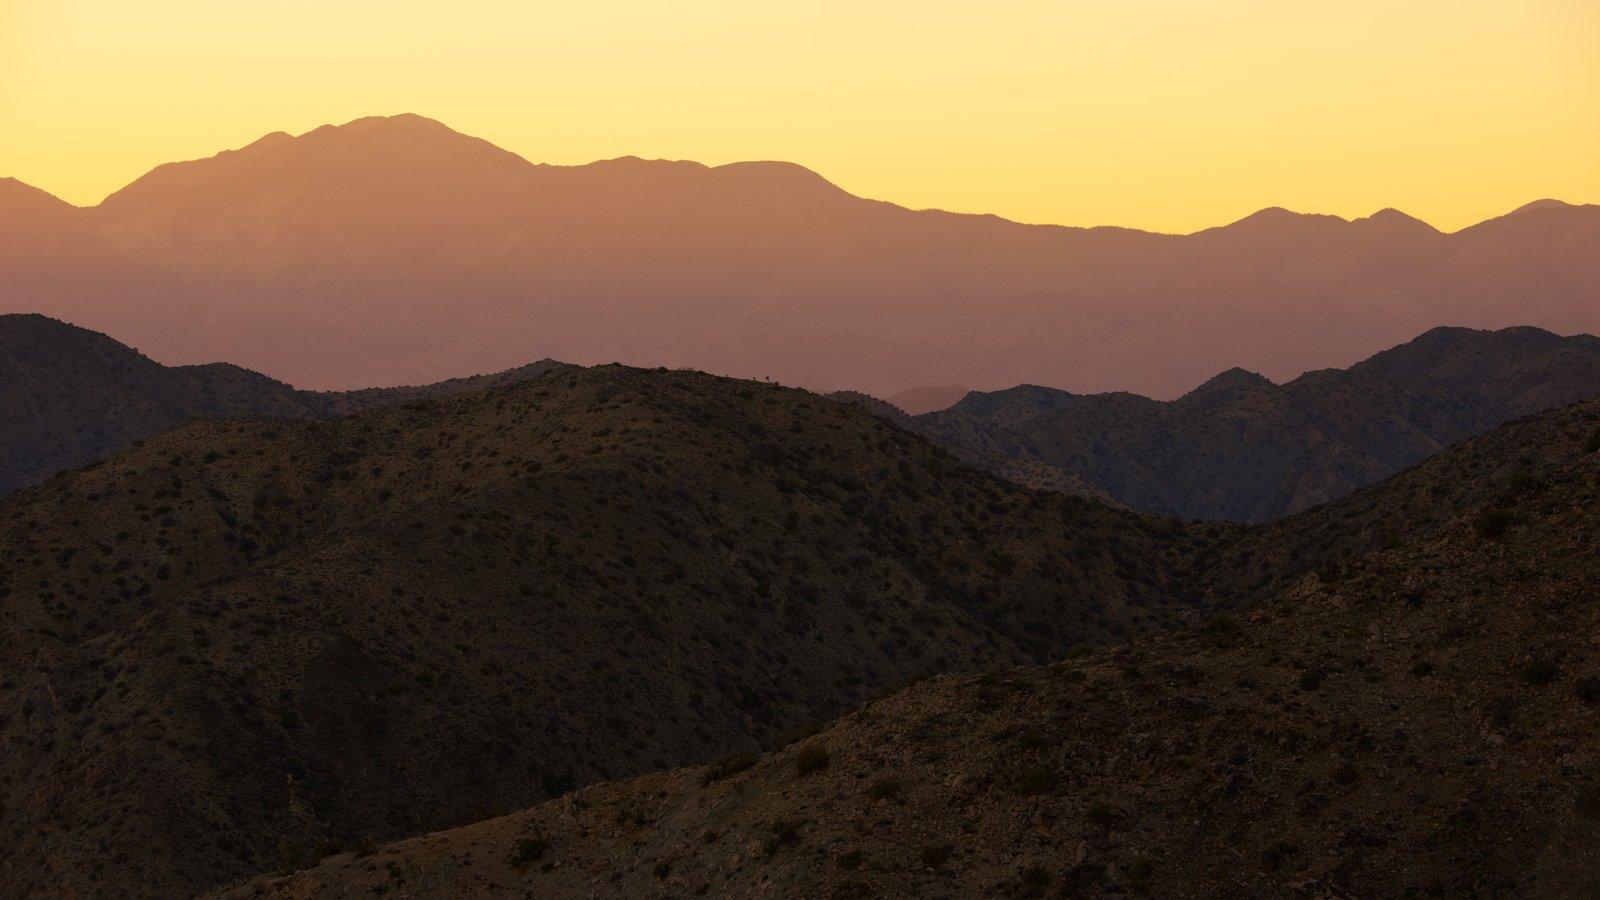 Condado de Riverside que incluye una puesta de sol y escenas tranquilas